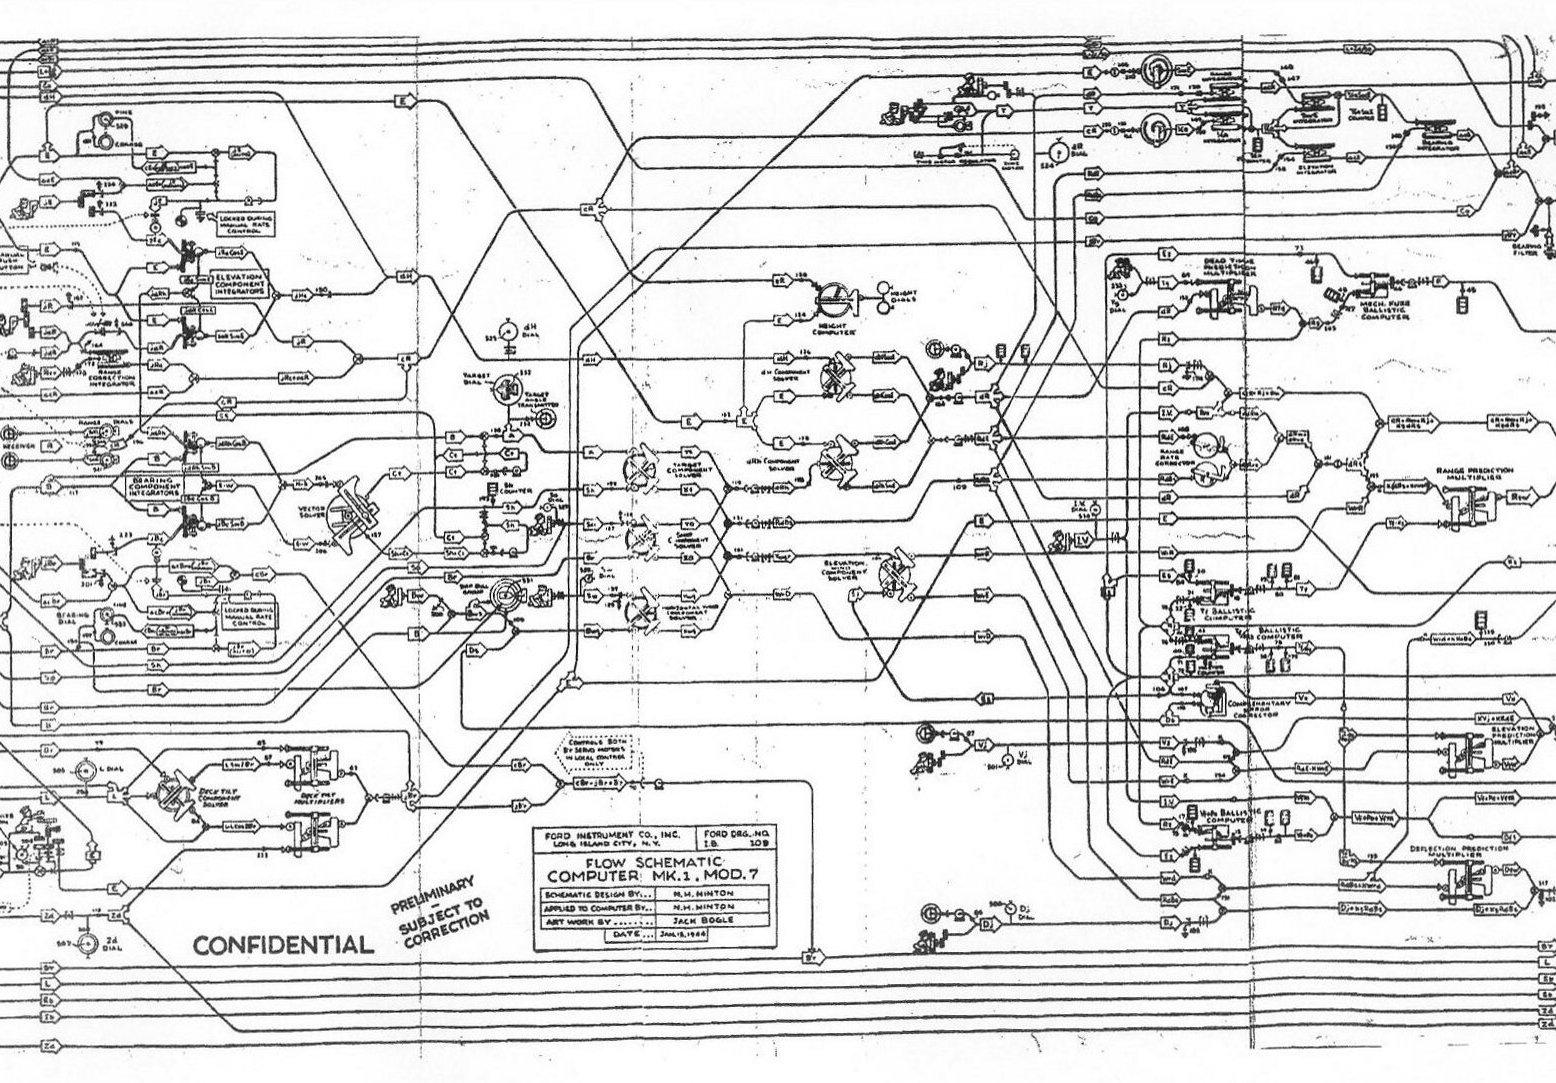 Computer schematic wiring diagram hp compaq computer schematic diagram flow schematic computer mk 1mod 7